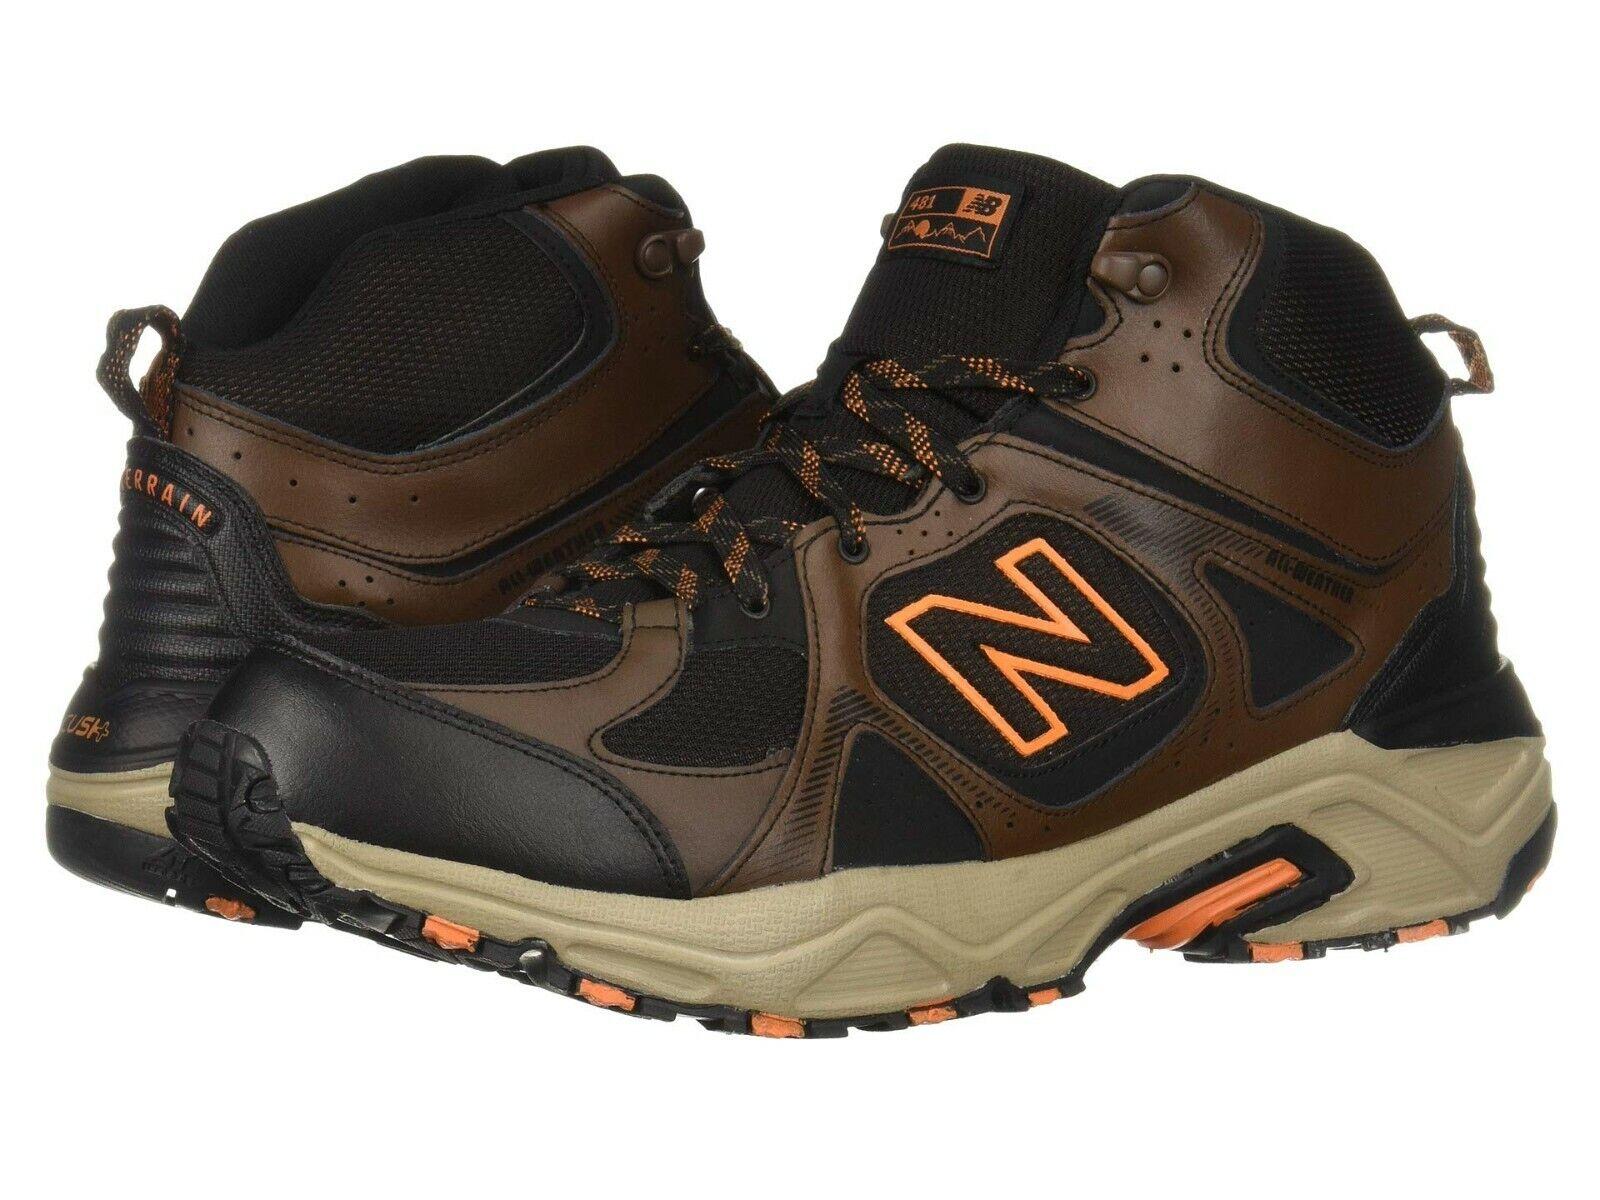 Nib New Balance HERREN MT481v3 481 Mittelhoch Trail Stiefel Schuhe Newton Grat